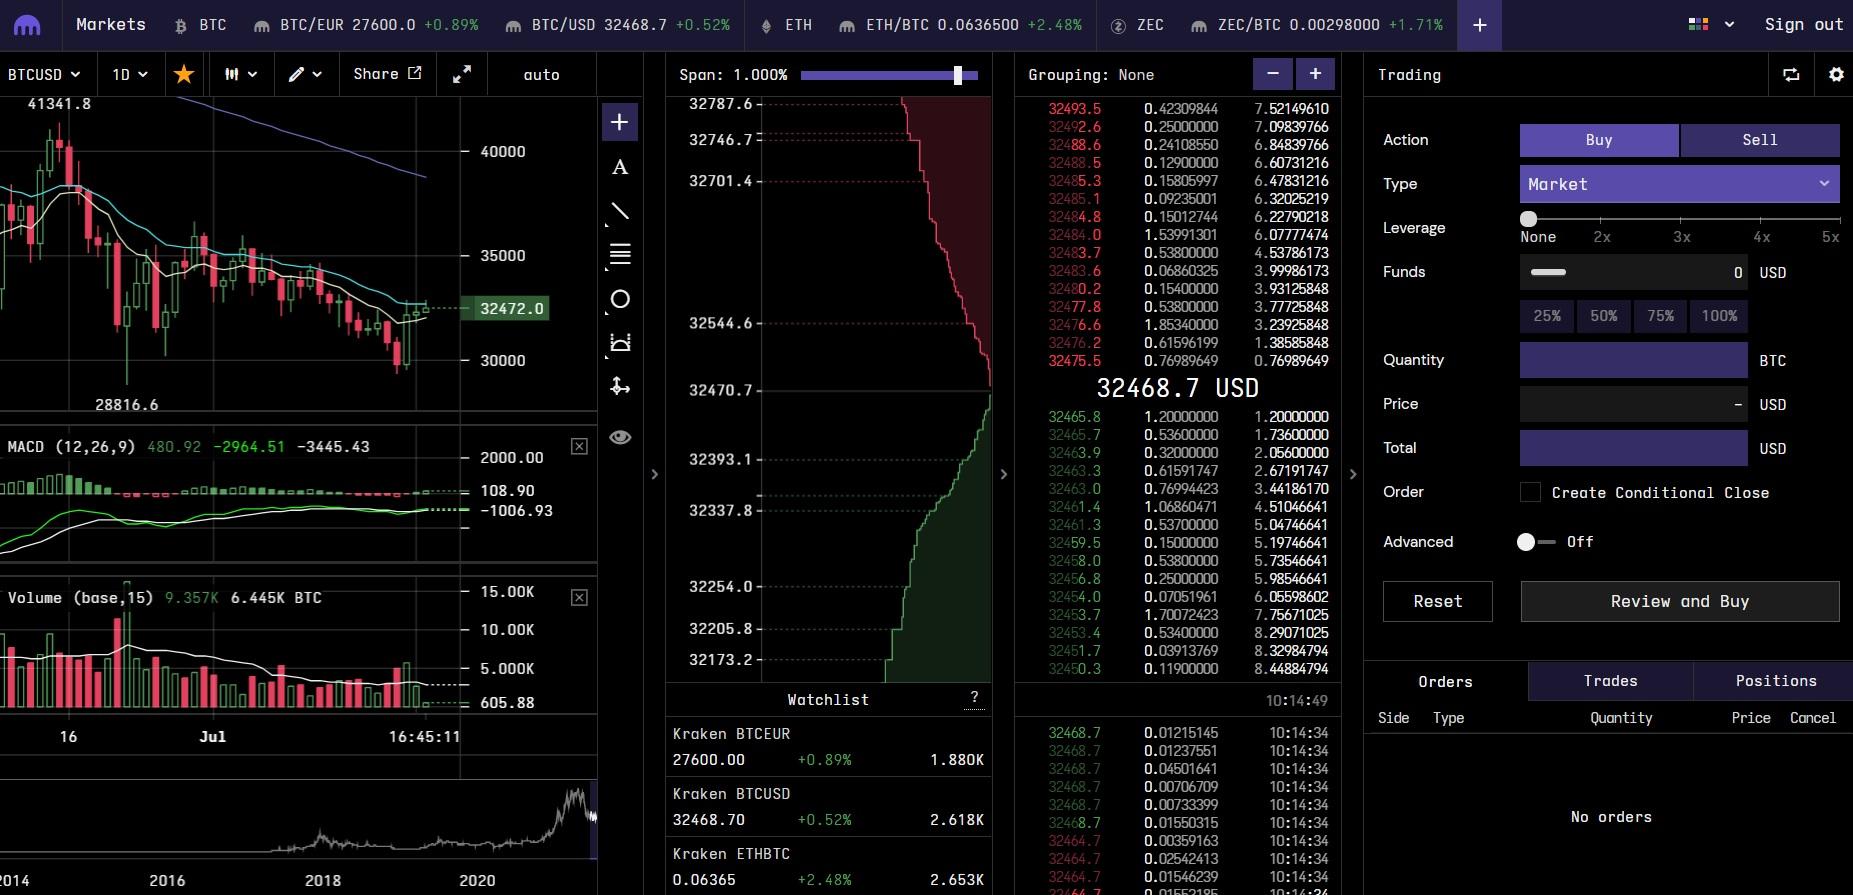 mercato mogul bitcoin commercio allingrosso criptovaluta